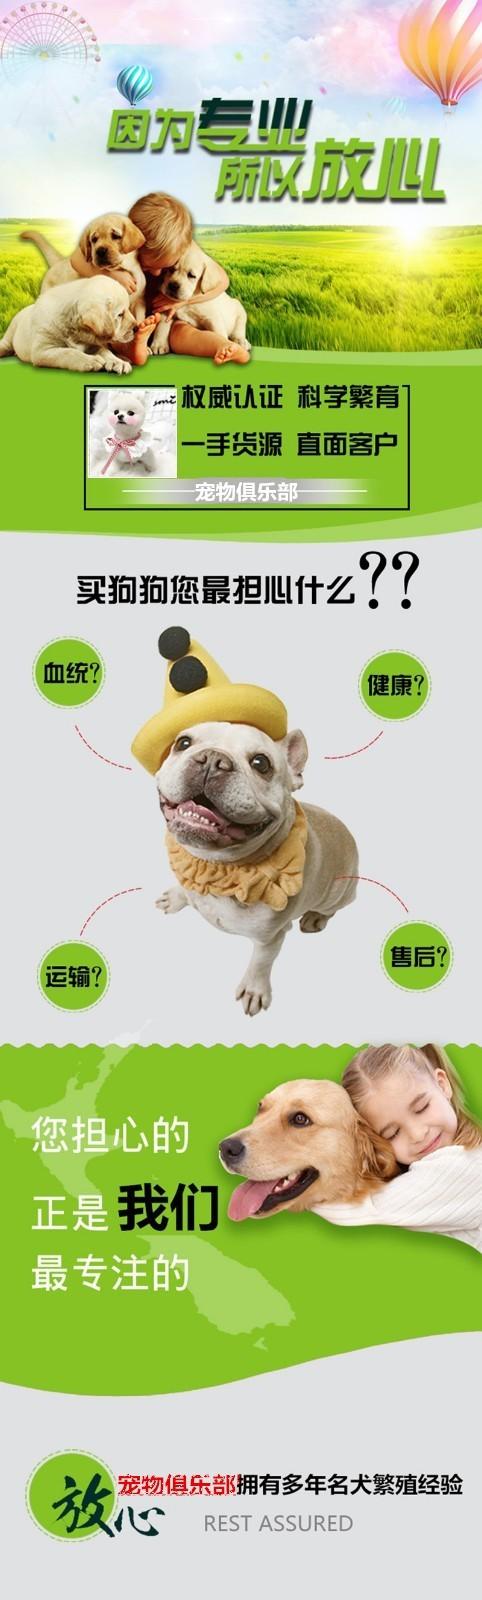 营口热卖泰迪犬多只挑选视频看狗价格美丽非诚勿扰6